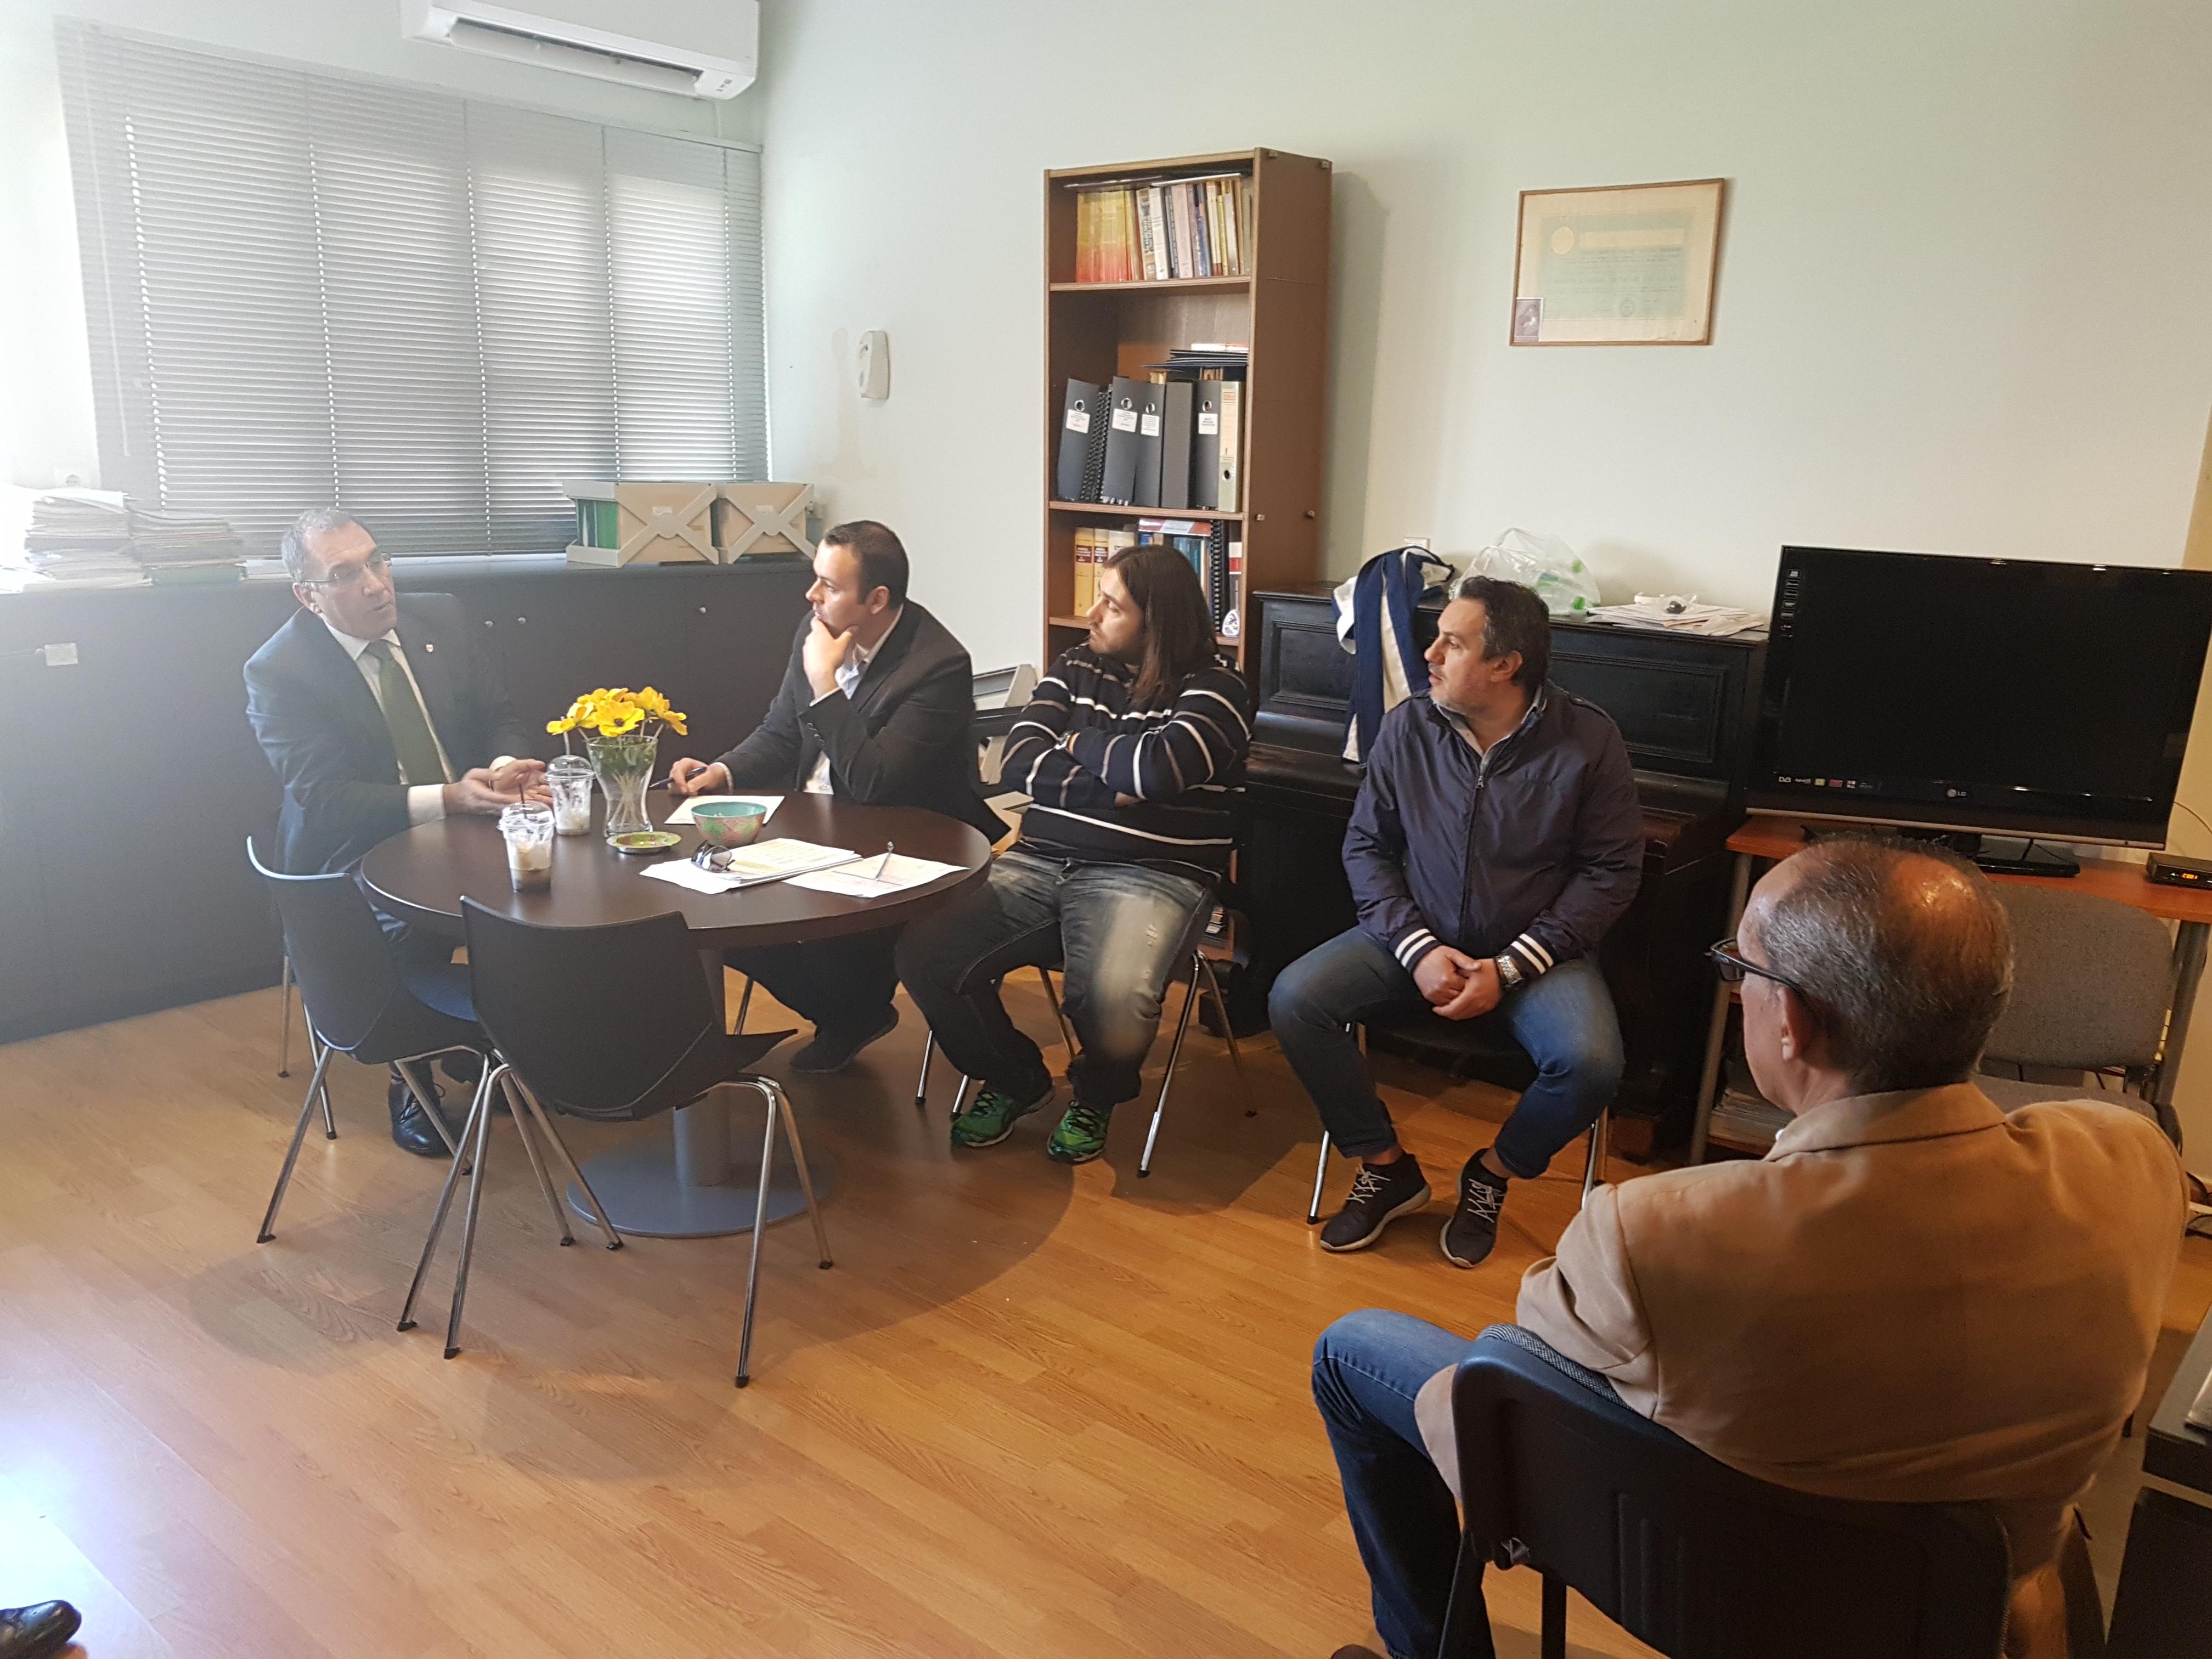 Φωτογραφίες: Επίσκεψη του Δημήτρη Καμμένου στις φυλακές Κορυδαλλού